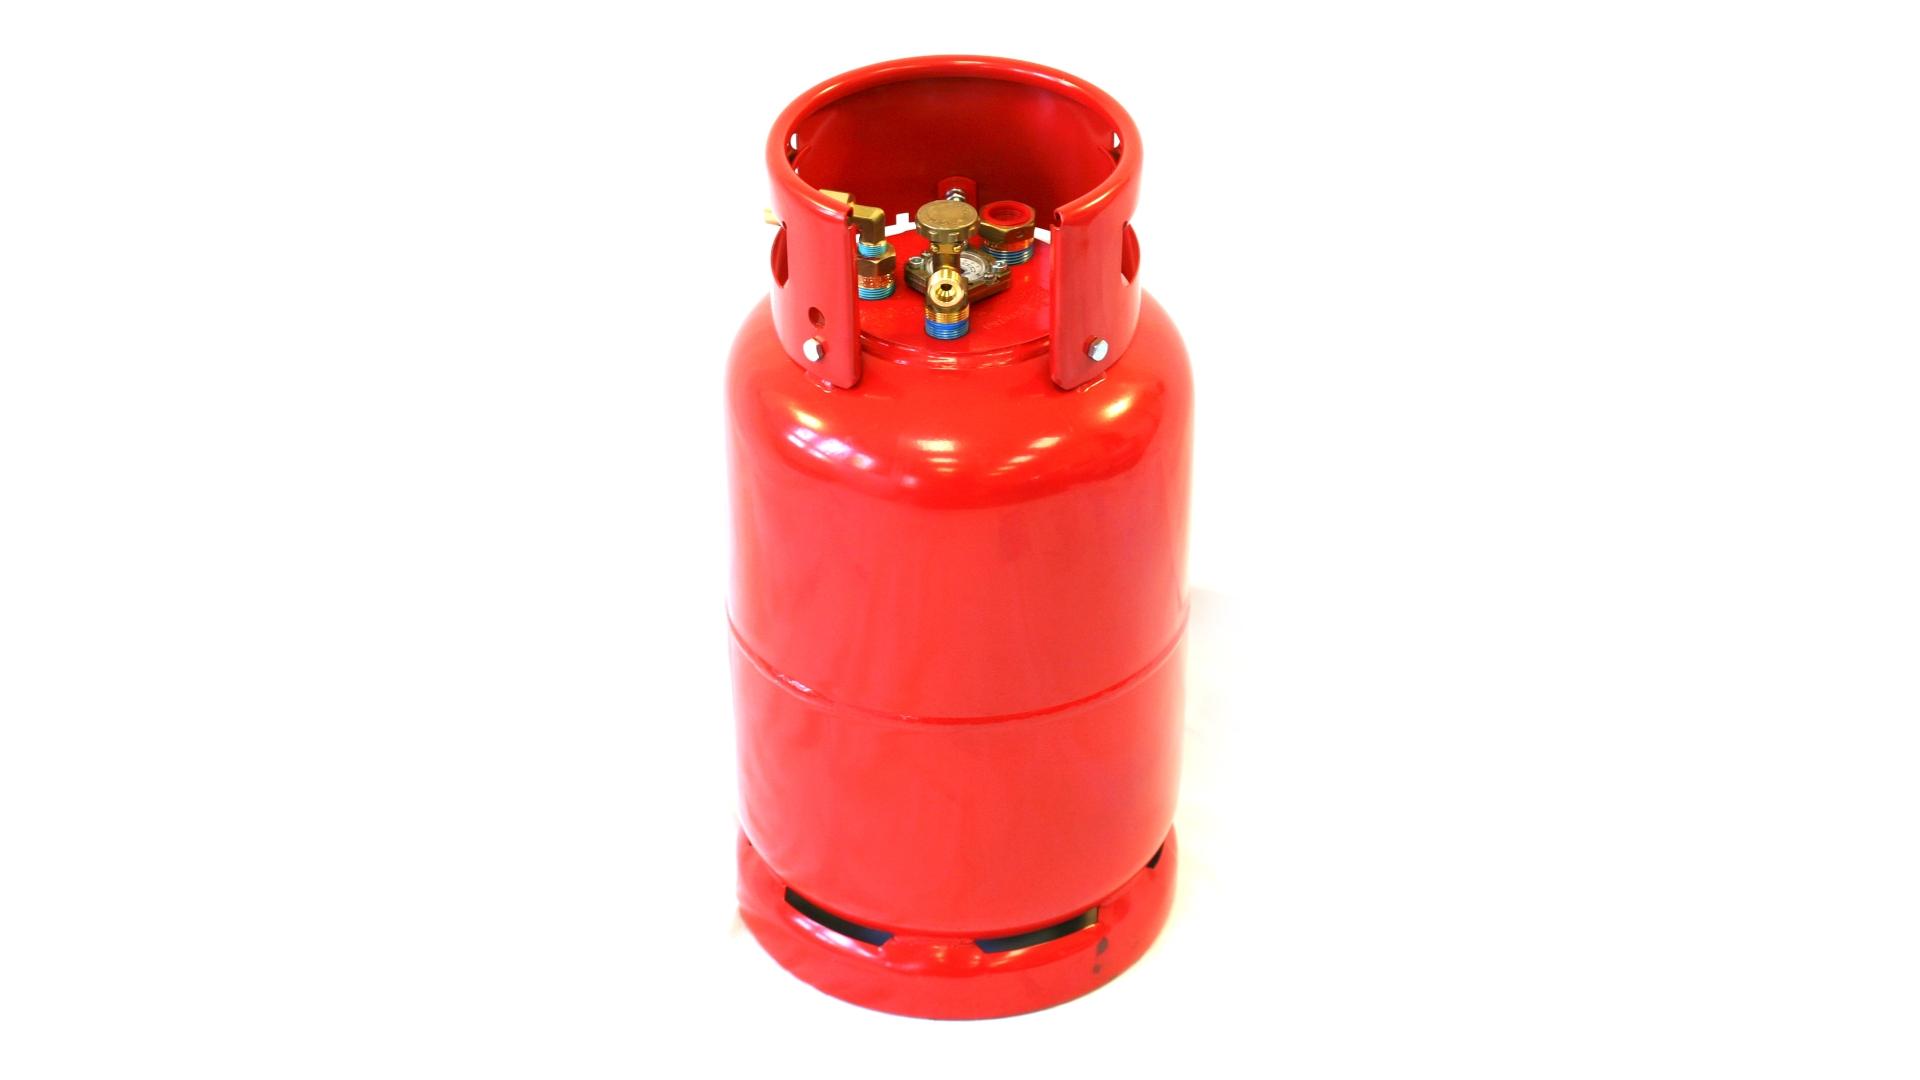 GZWM bouteille réservoir 36 litres avec vanne à 3 points